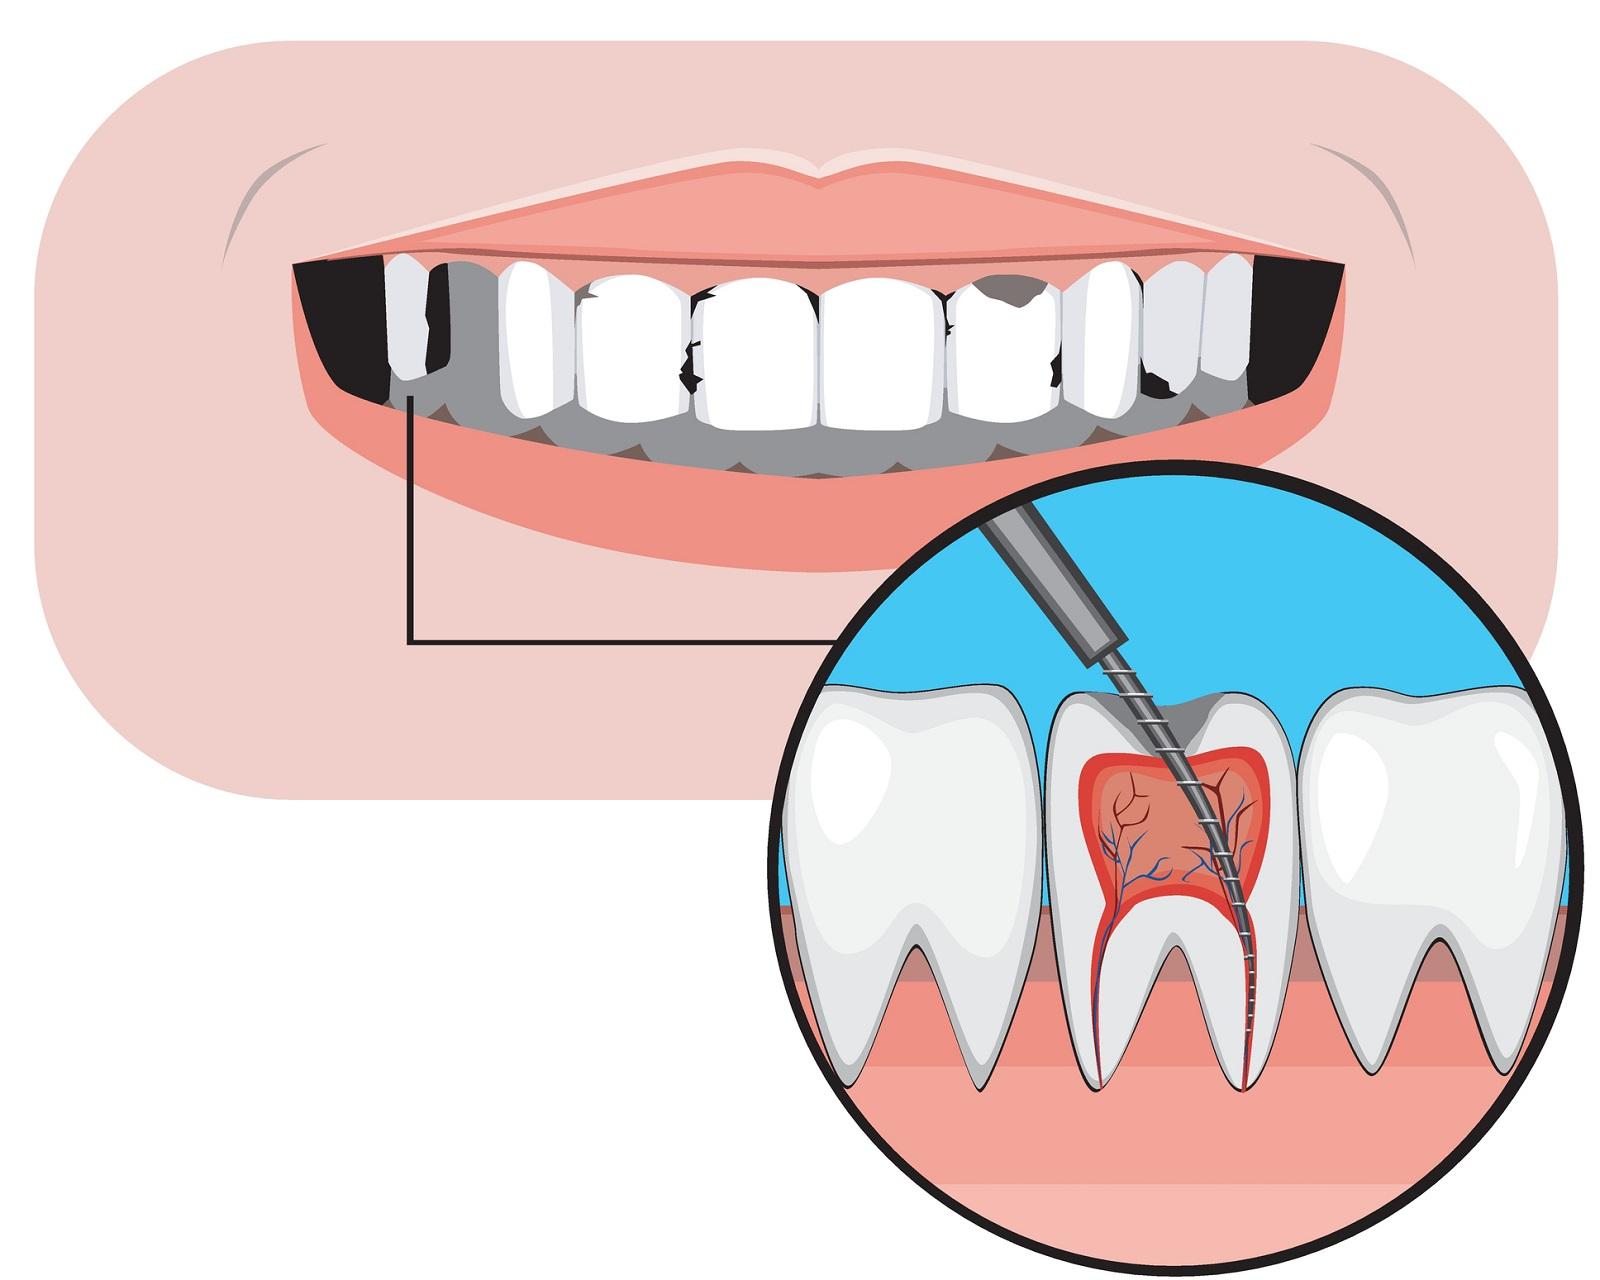 Kiedy wdrażane jest leczenie endodontyczne?